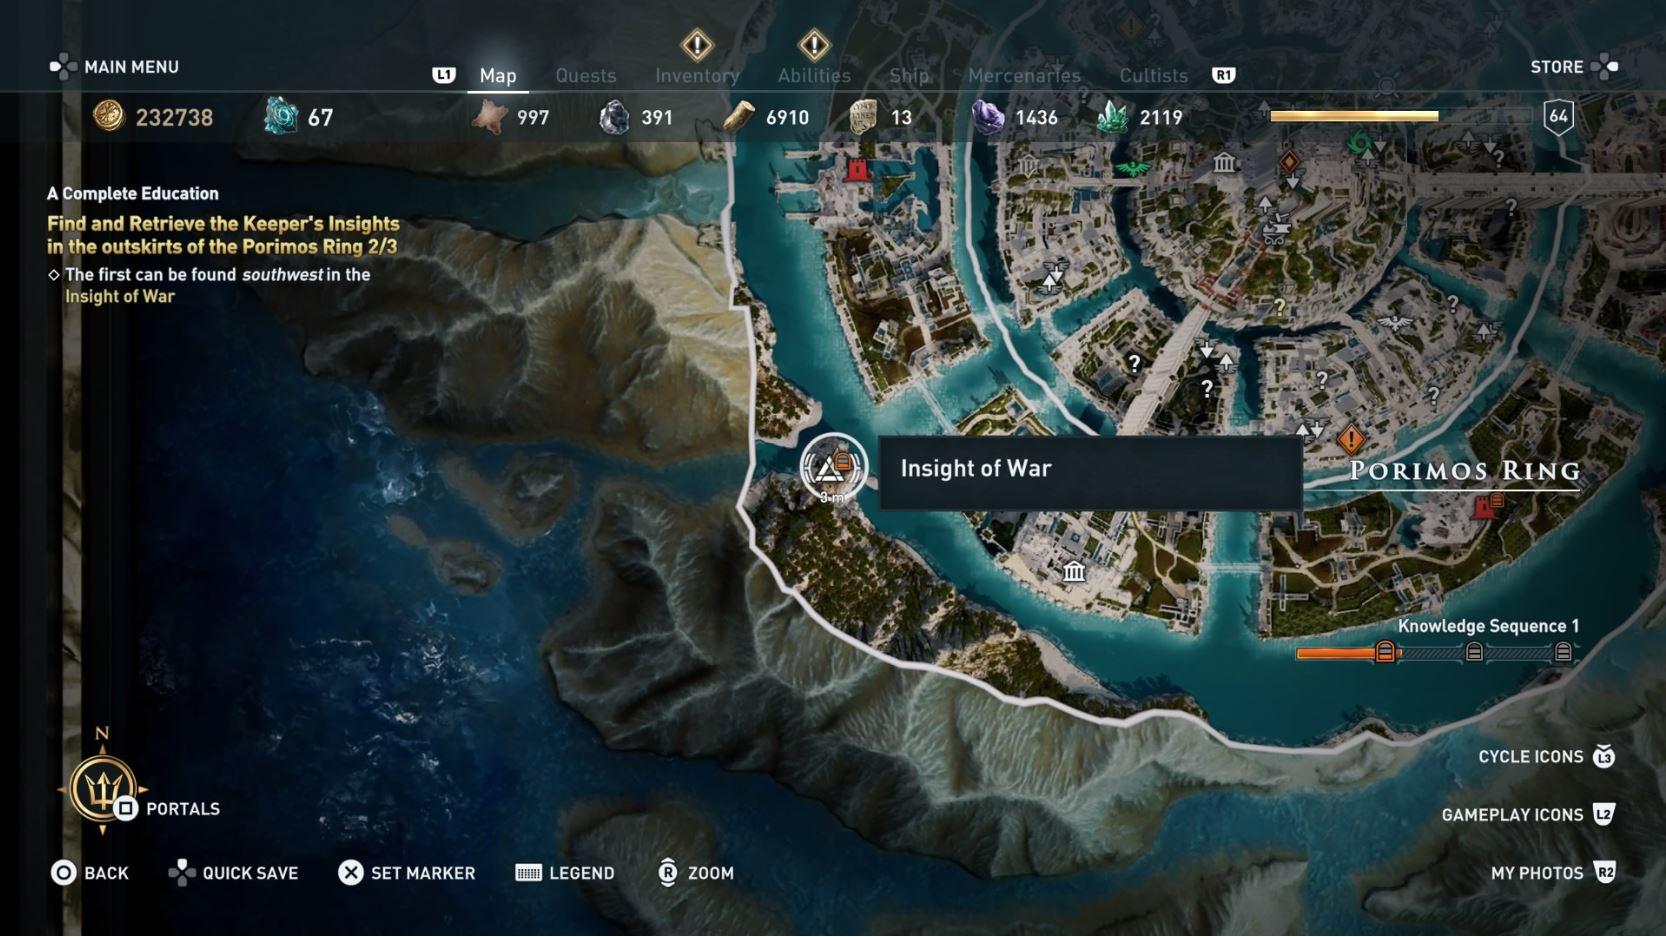 Murderer's Creed Odyssey Isu Information information – Cache